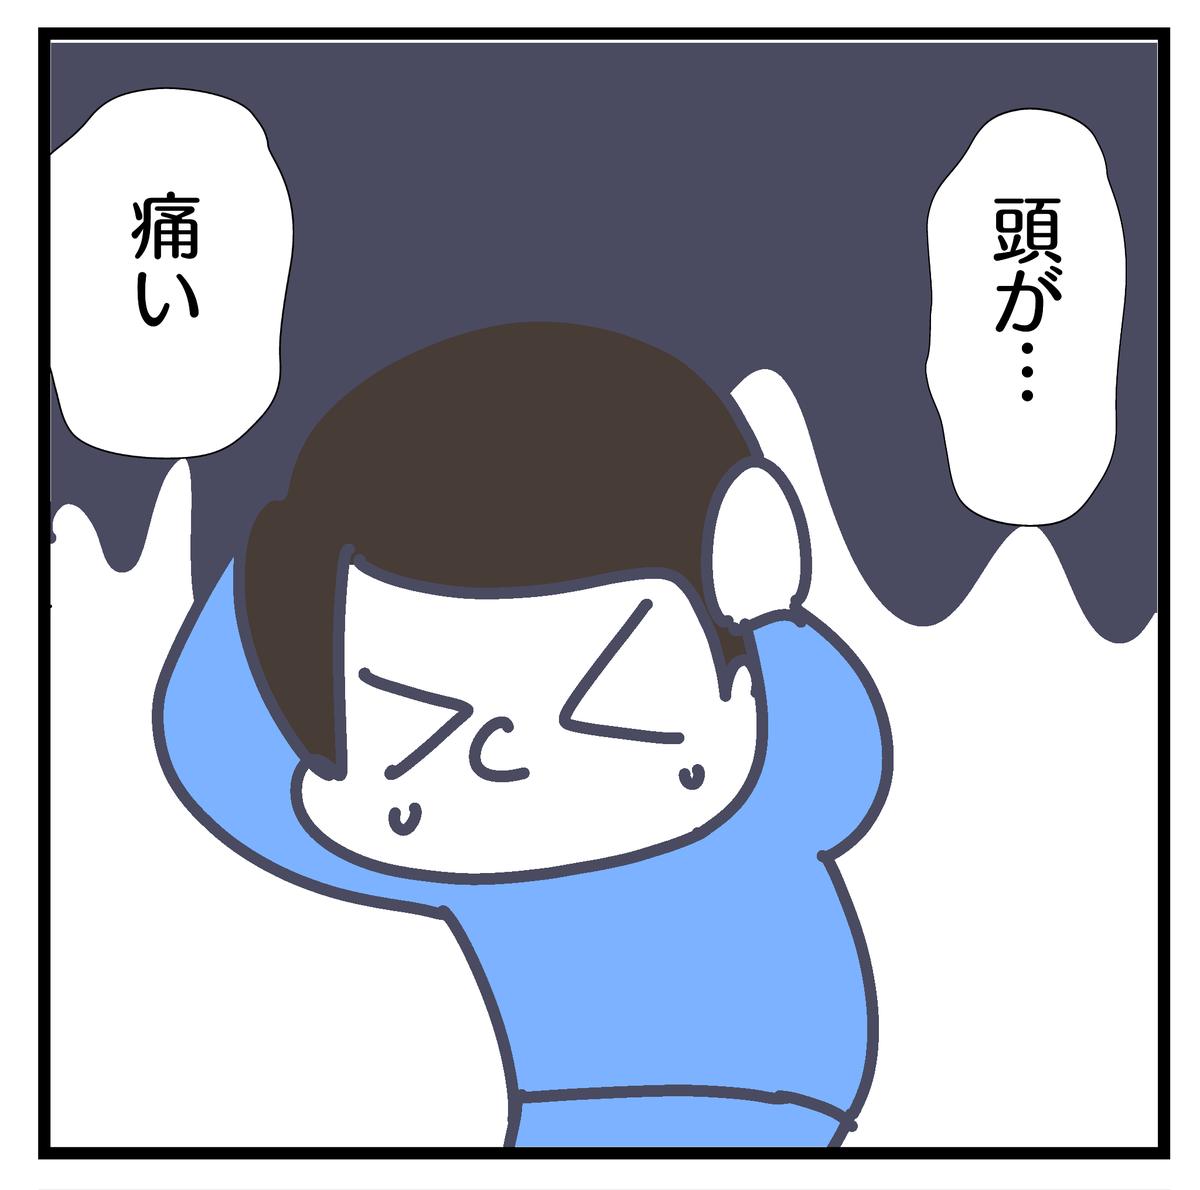 f:id:YuruFuwaTa:20200605113510p:plain